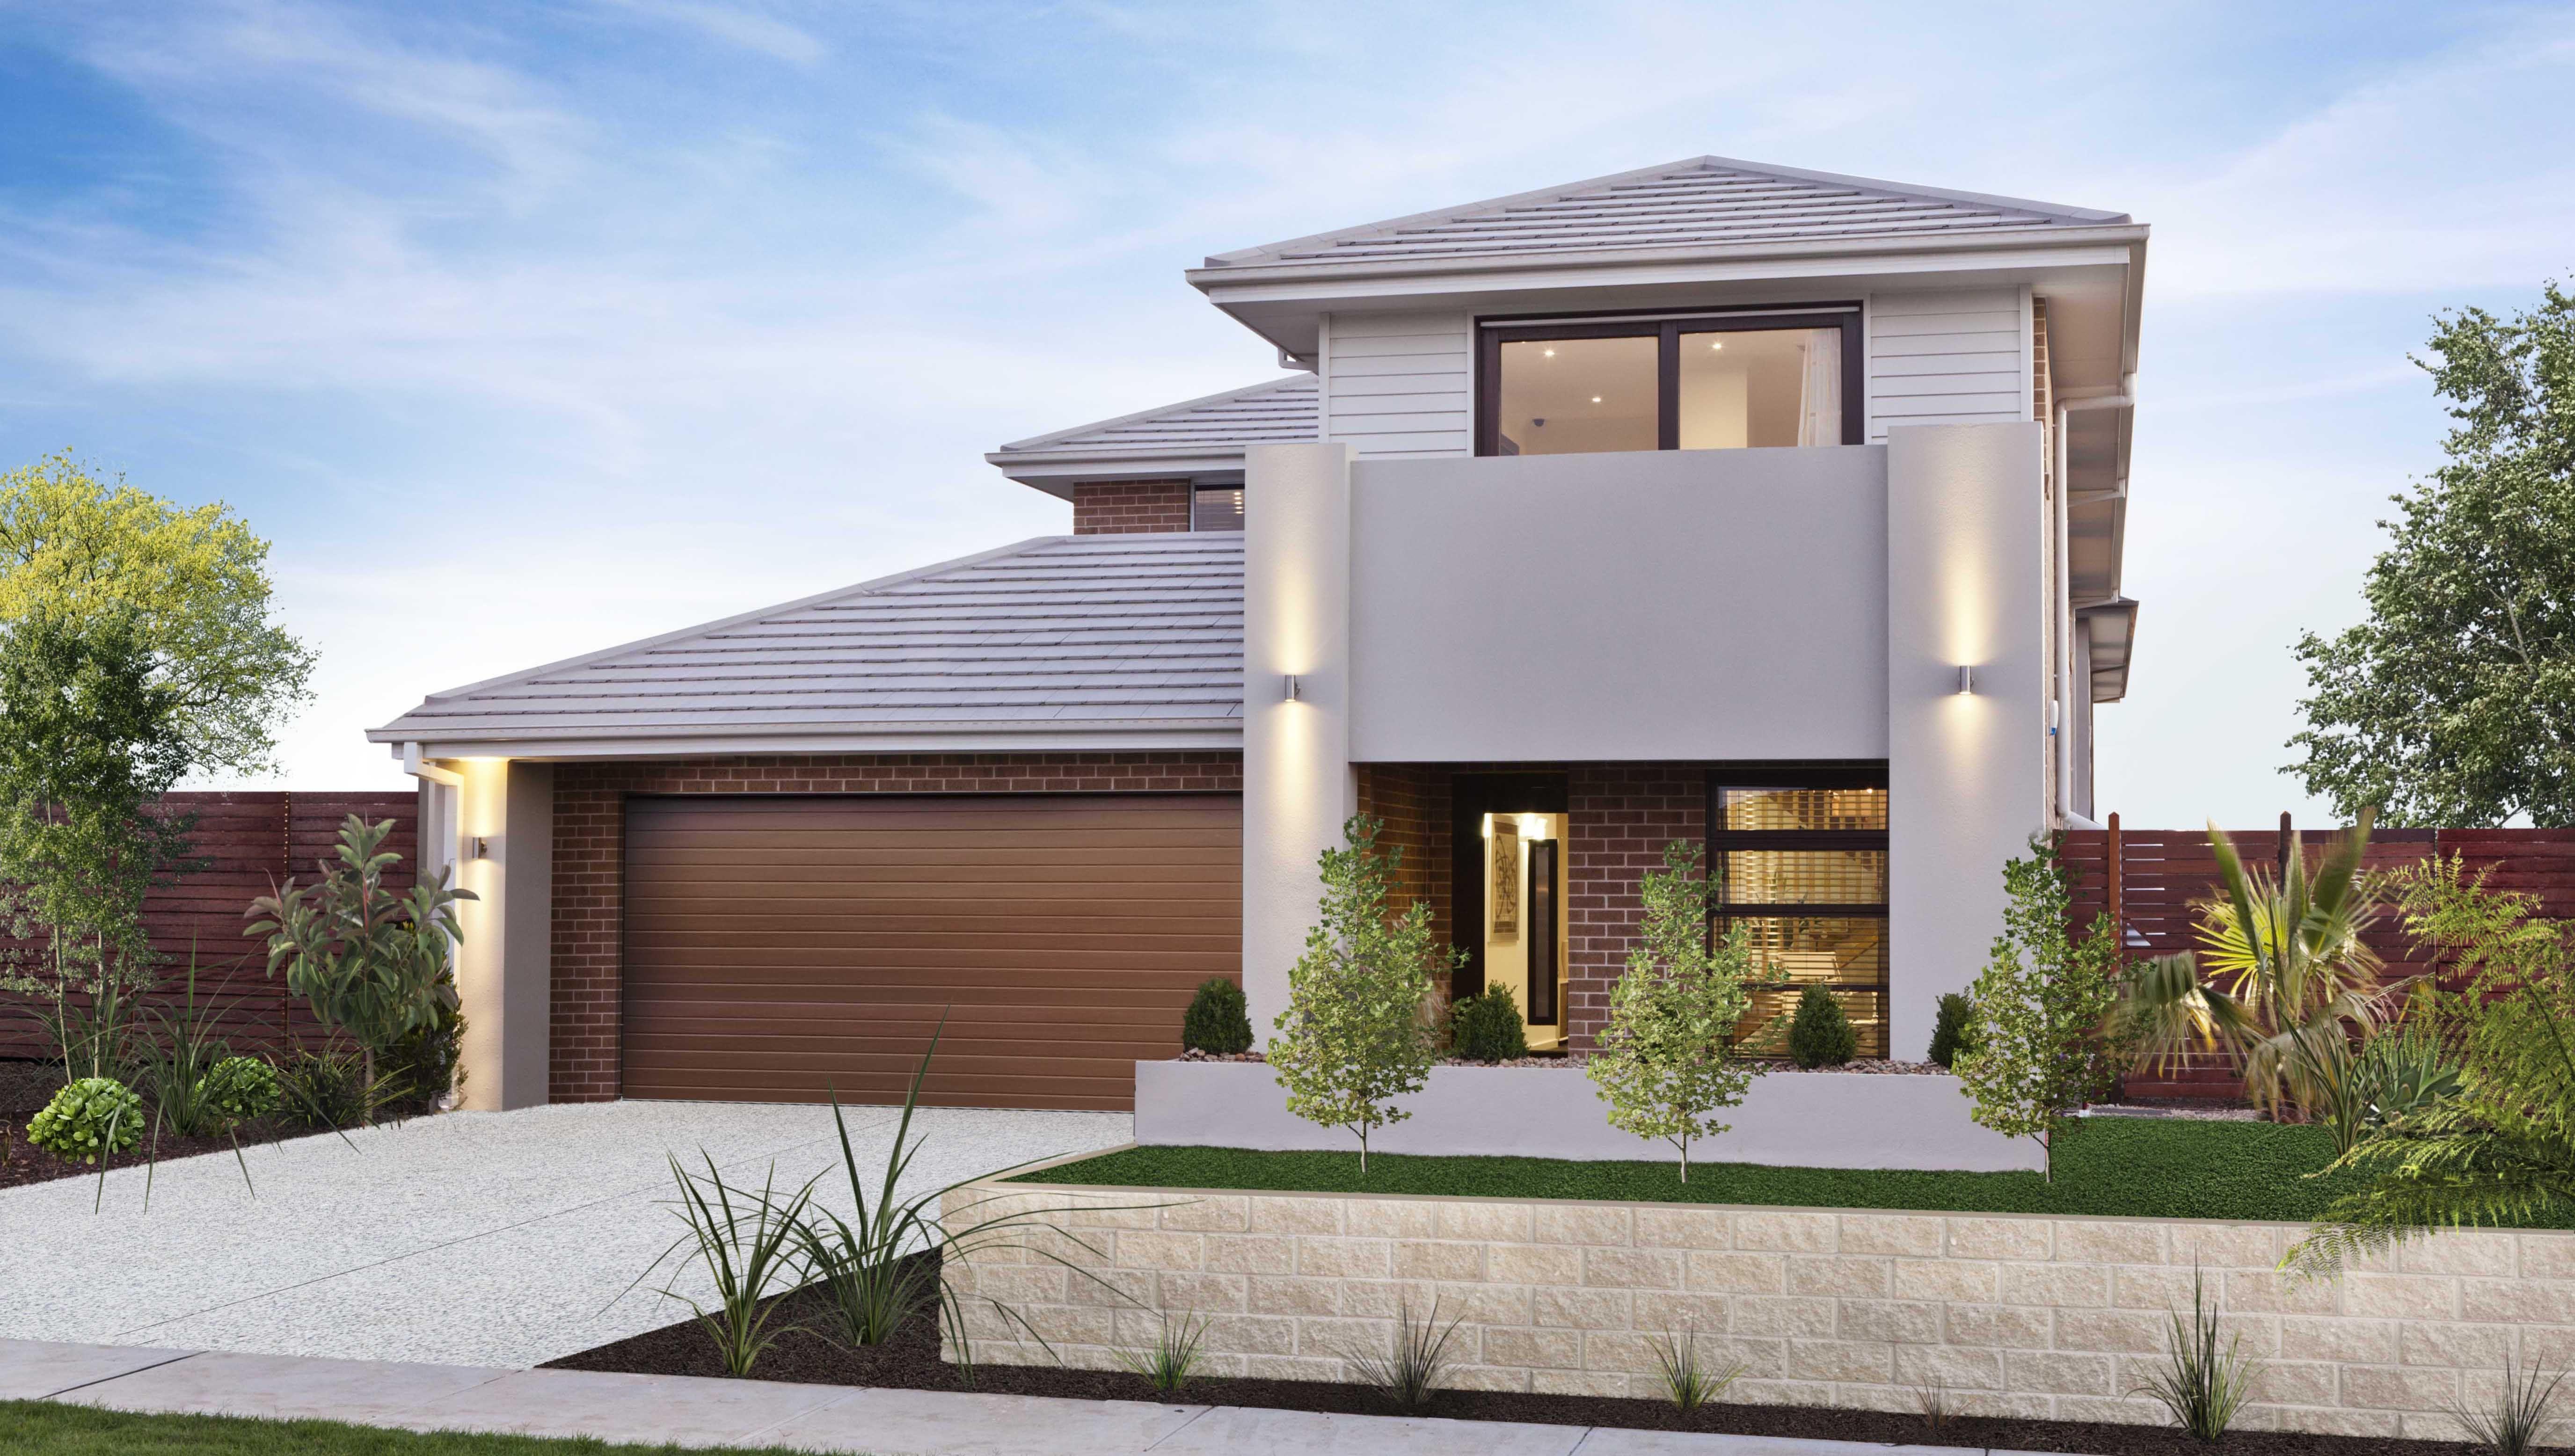 Bentleigh Newhome Facade House Simonds Homes House Design